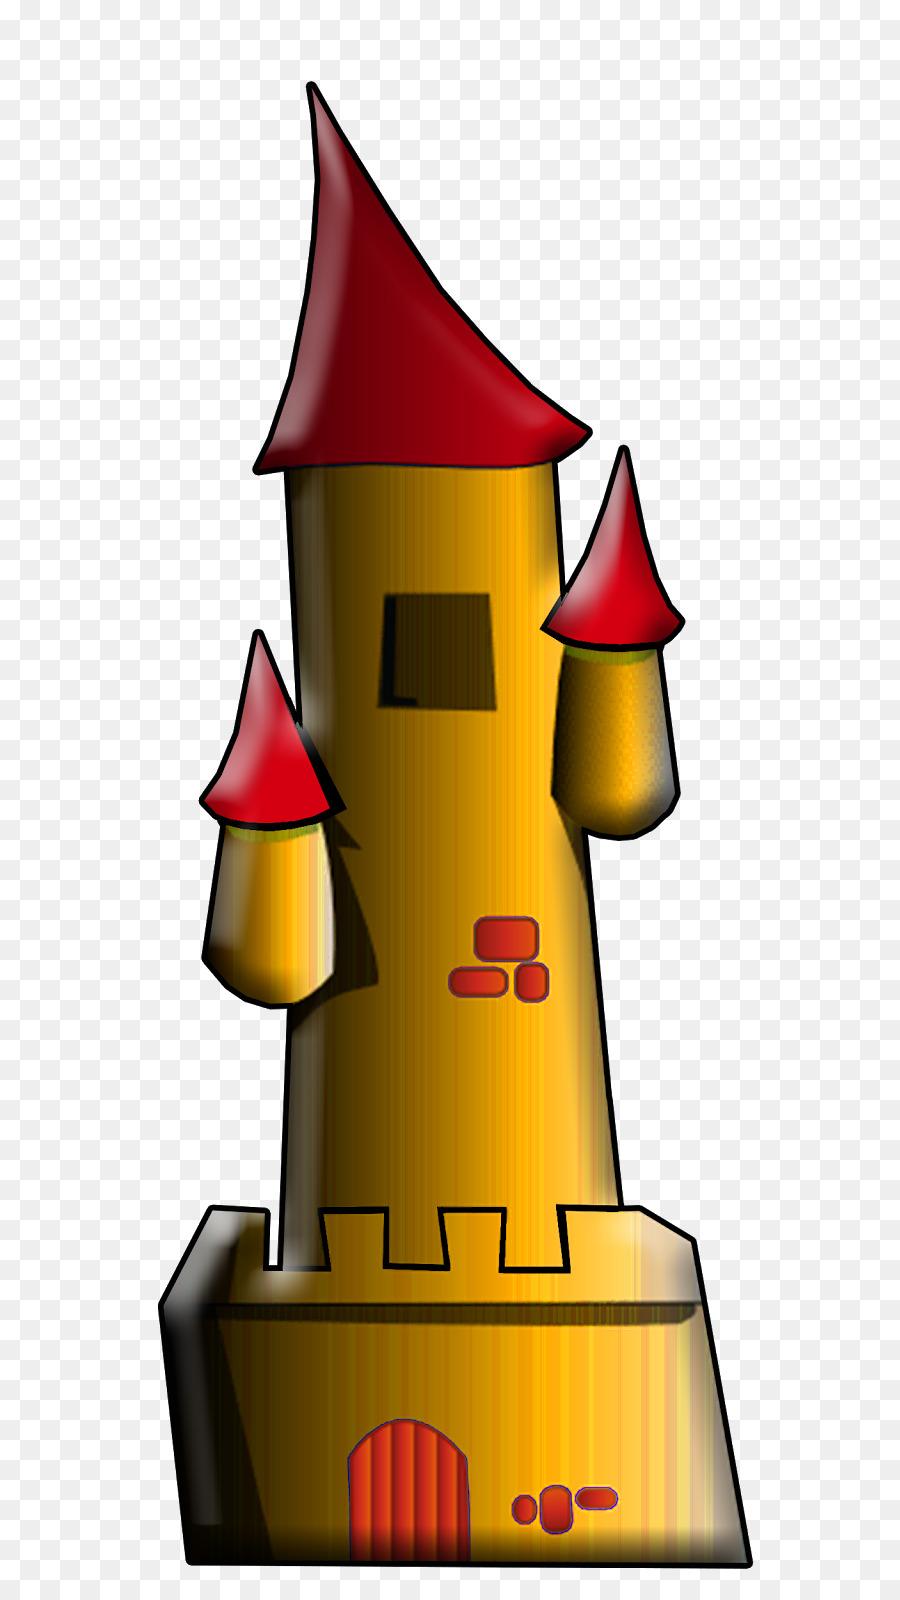 Fairy tale clip art. Fairytale clipart tower